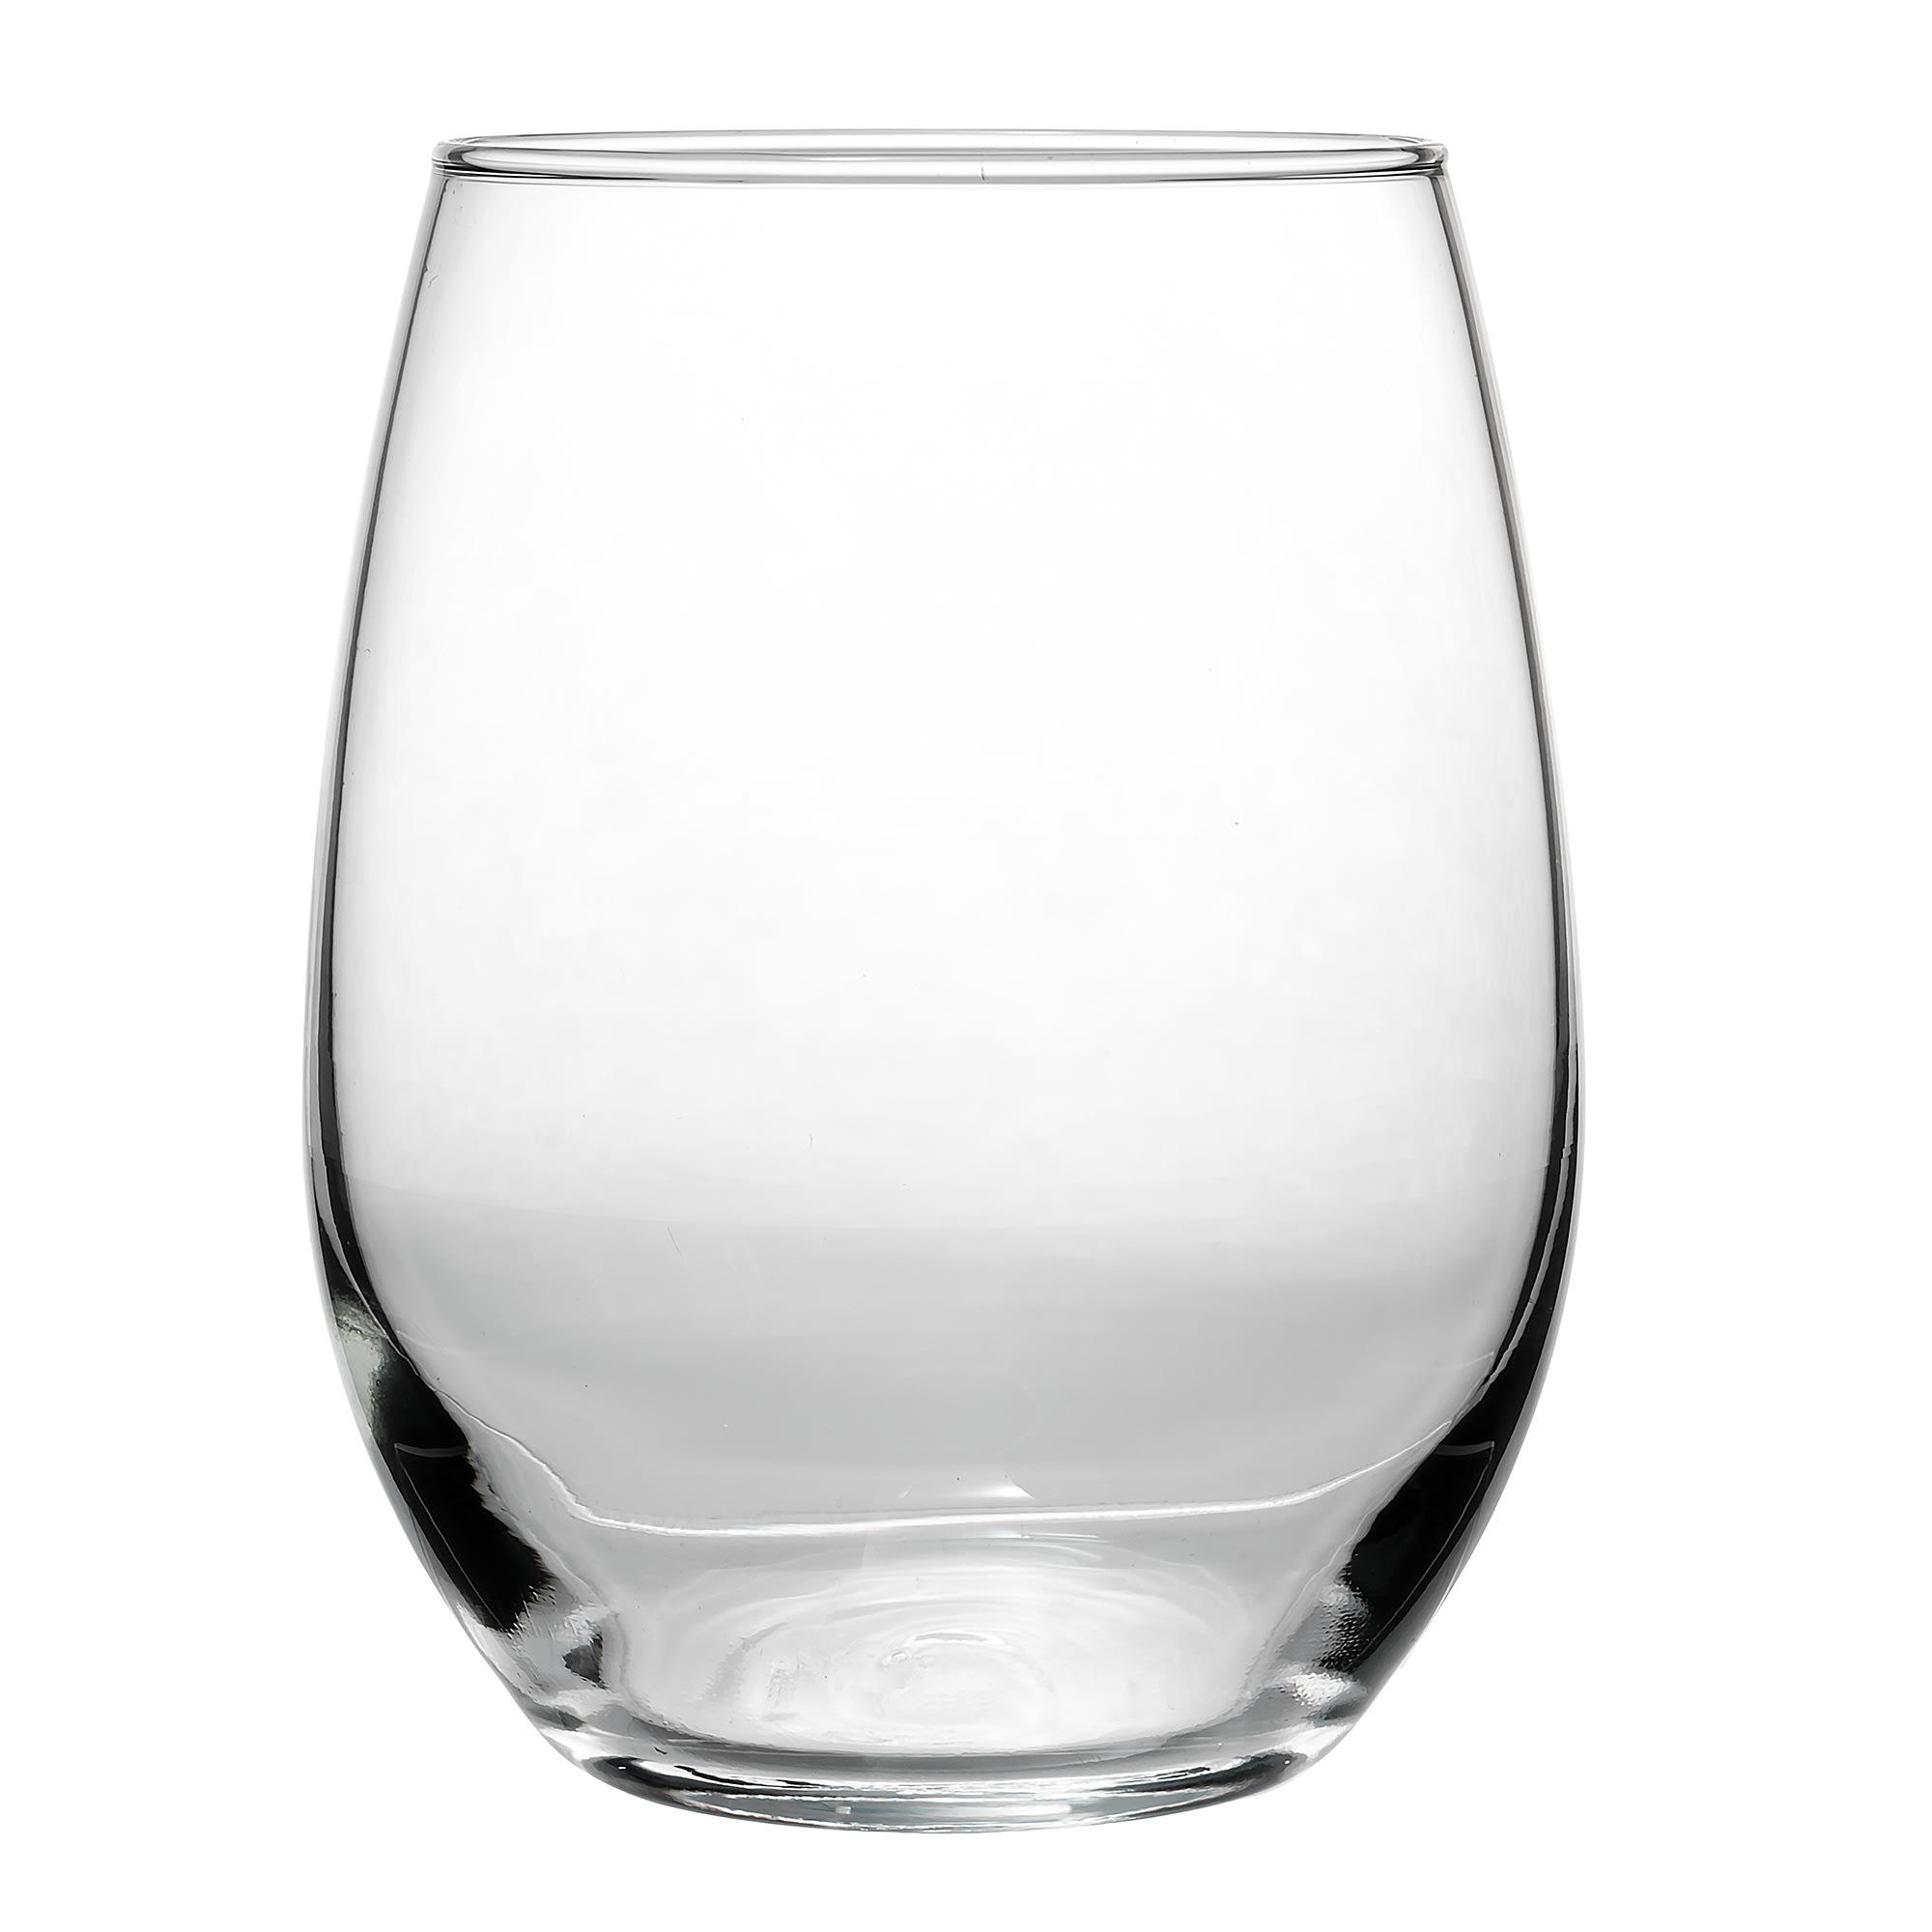 Libbey 213 15-oz Stemless Wine Glass